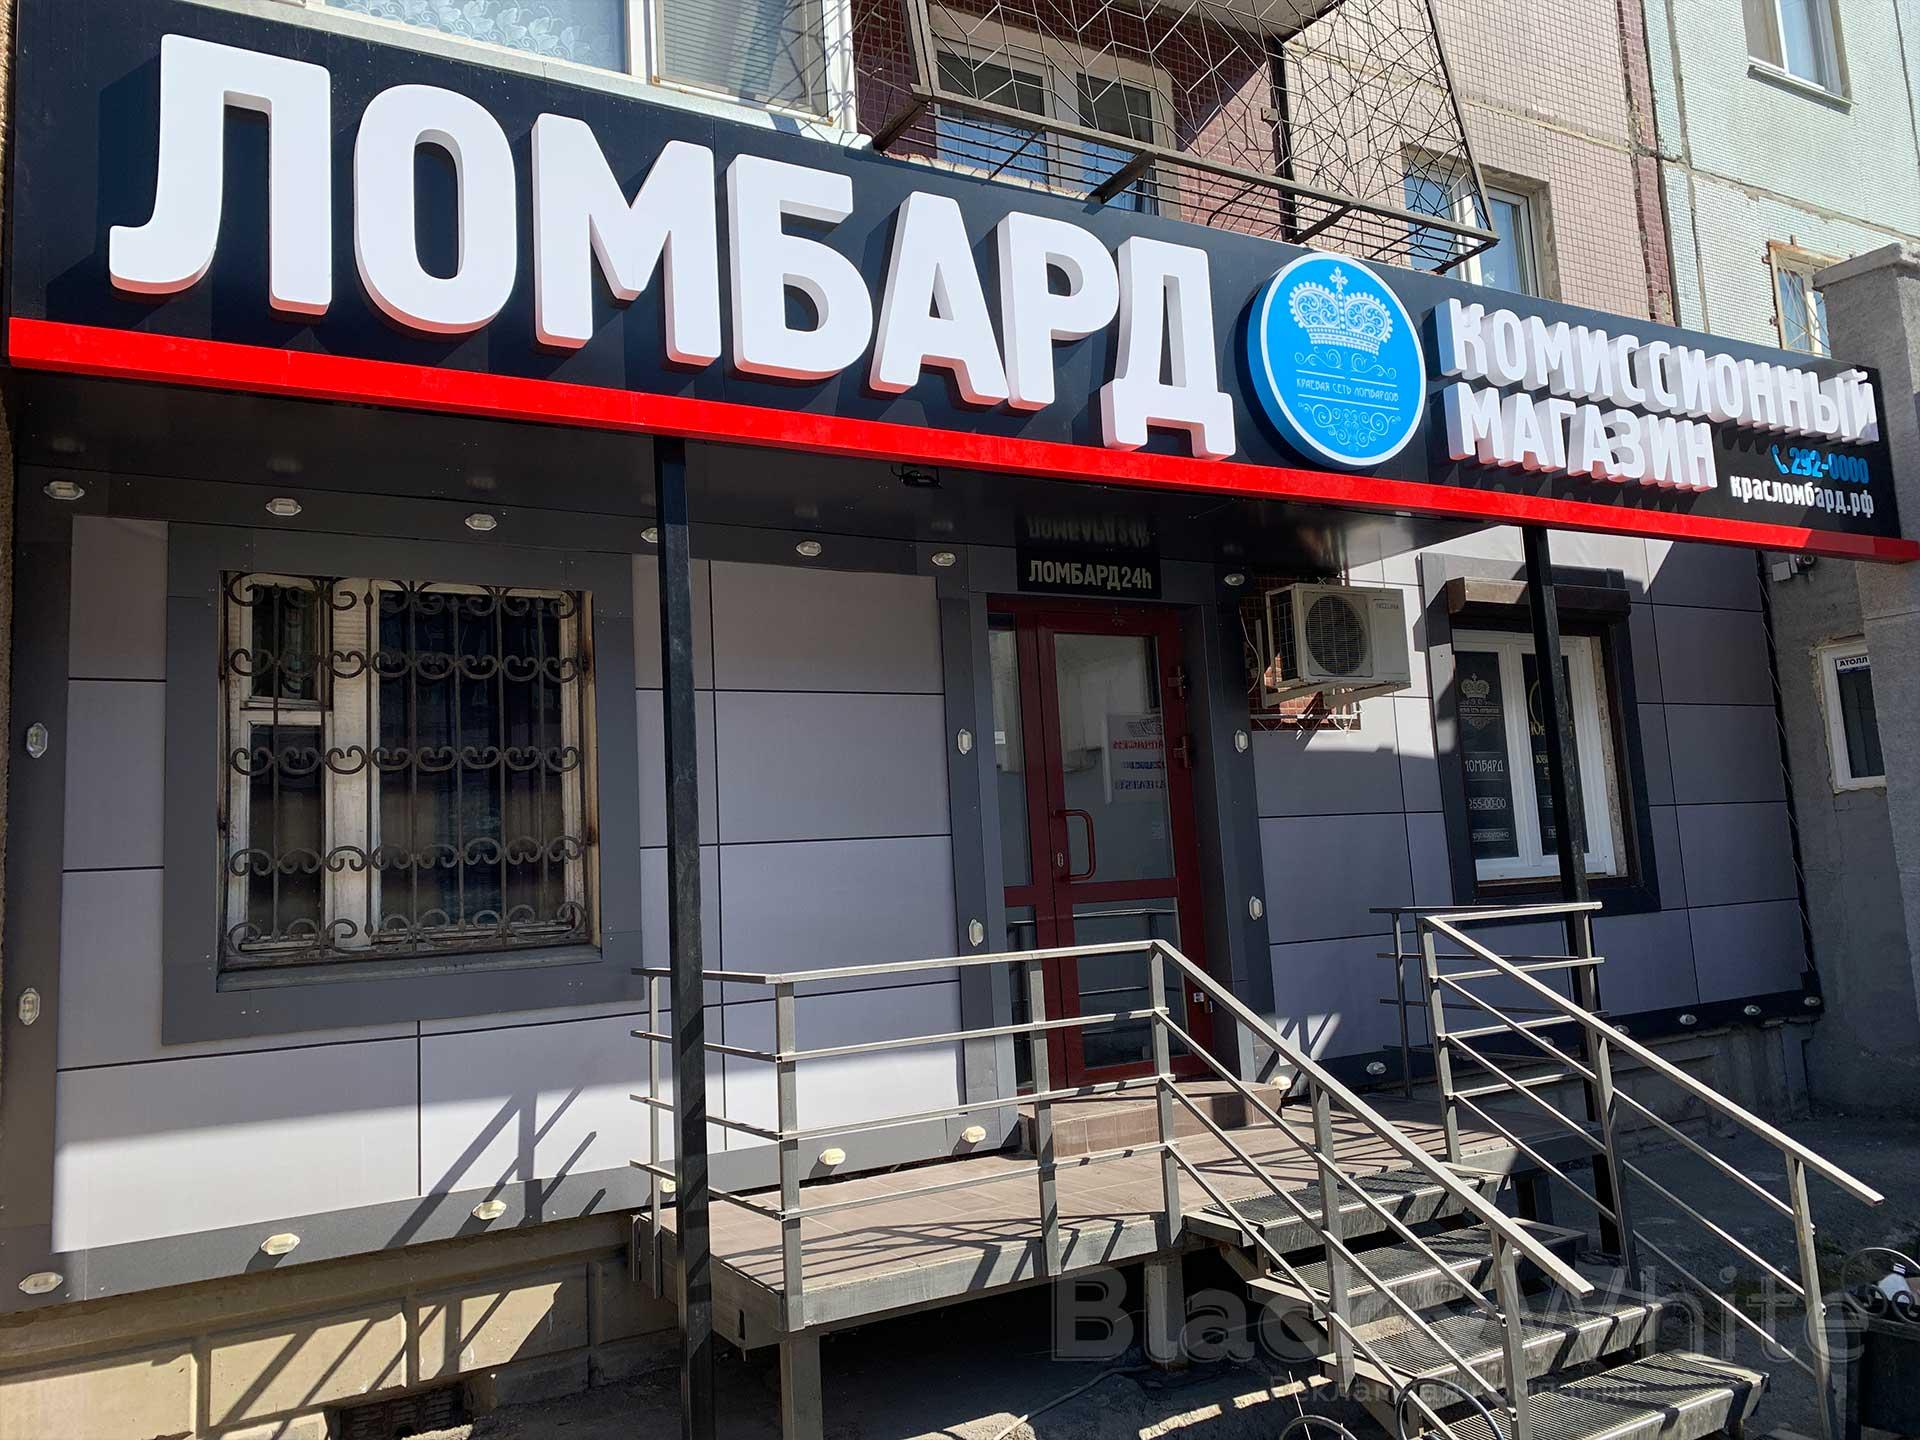 Световая-вывеска-для-ломбарда-с-световыми-объёмными-буквами-в-Красноярске-Black&White-bw-.jpg